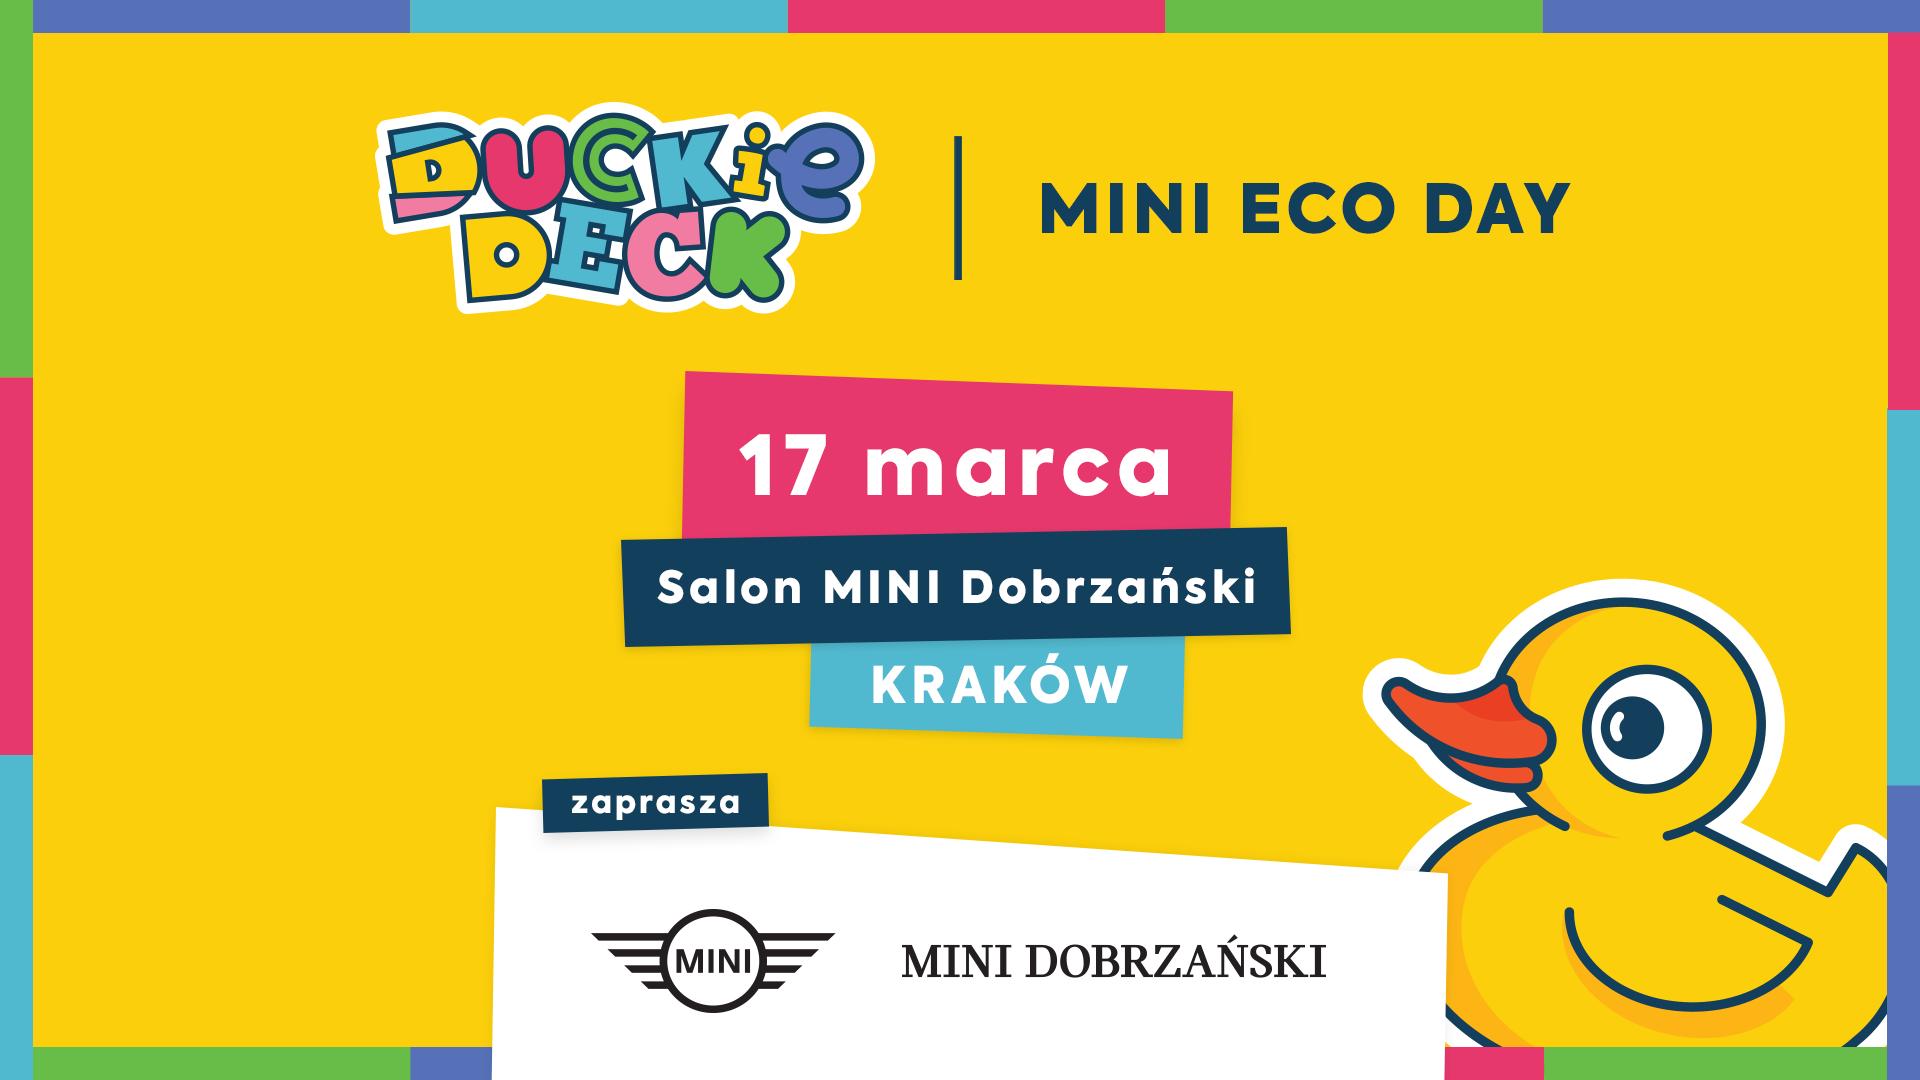 1920x1080_Duckie-Deck_MINI-ECO-DAY